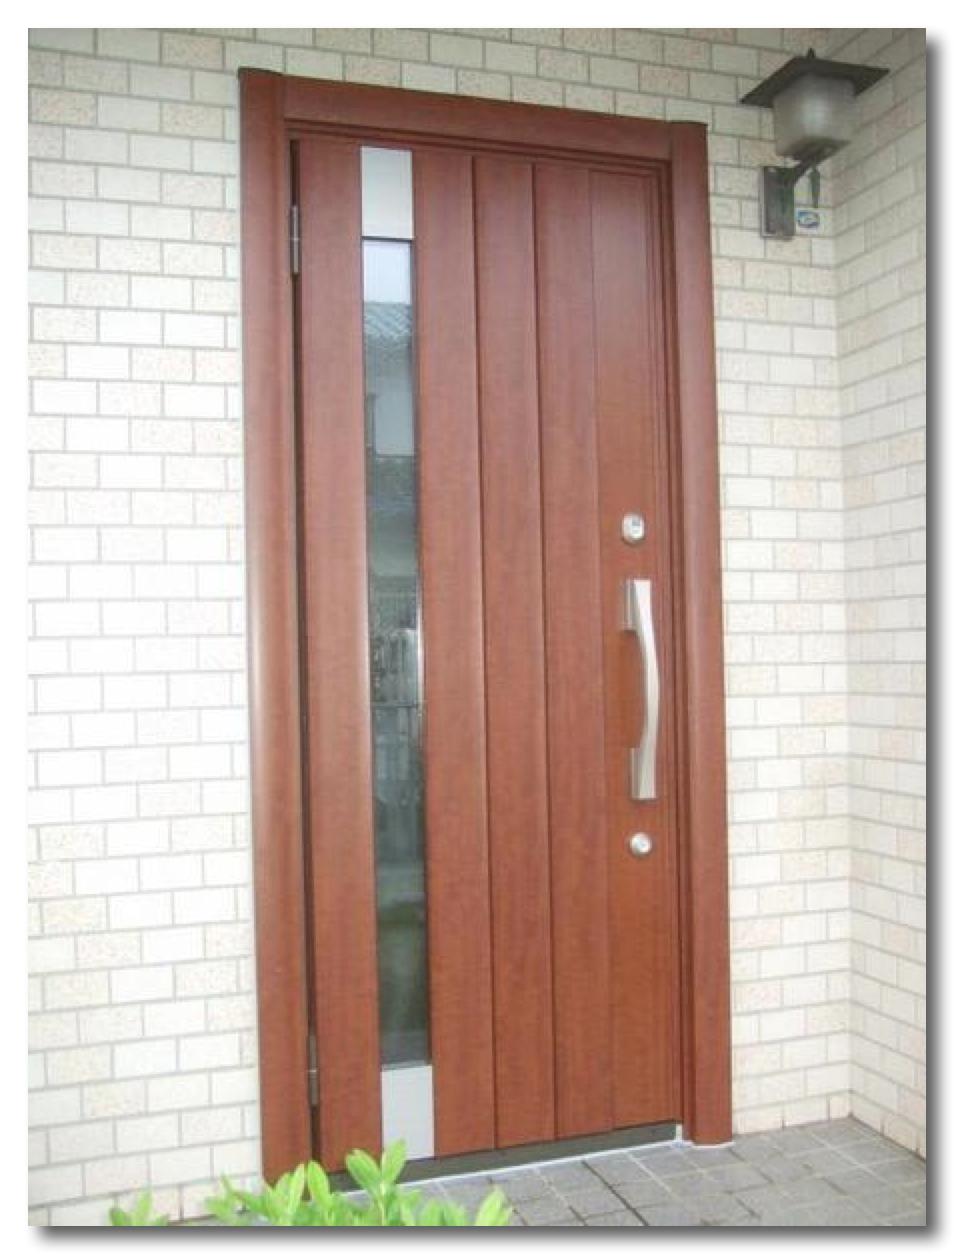 「家の顔」玄関ドアリフォームに役立つ情報まとめ【画像あり】のサムネイル画像